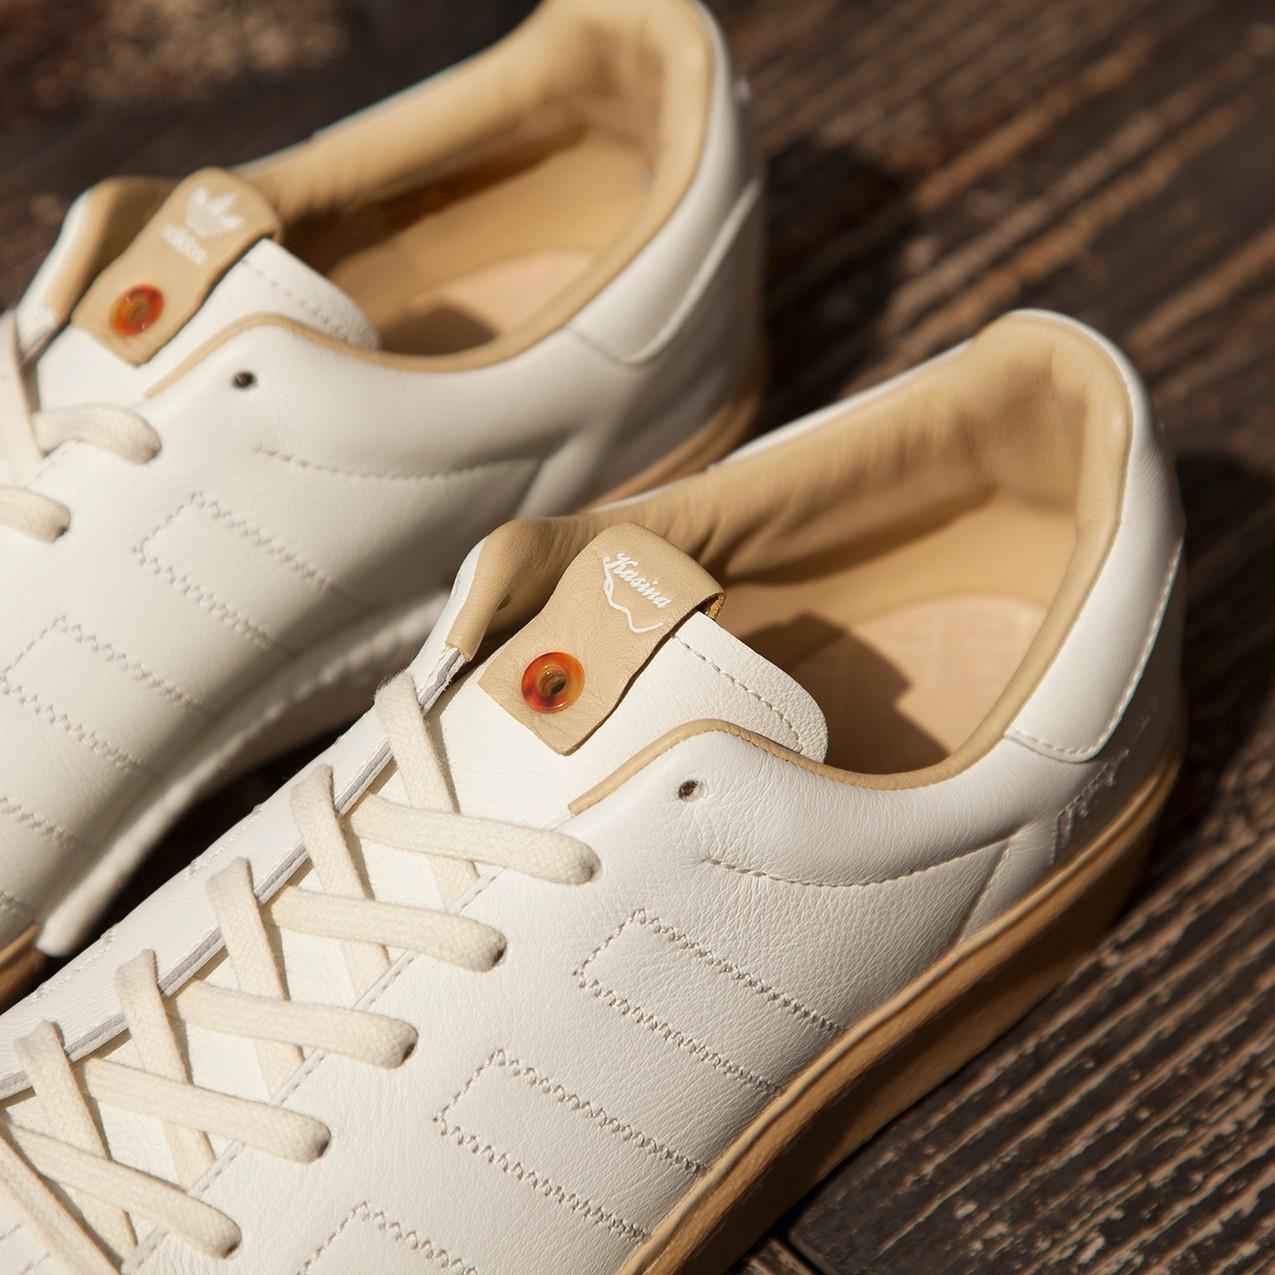 adidas Originals-Consortium- TENIS SUPERSTAR KASINA_R$699,99 (6)